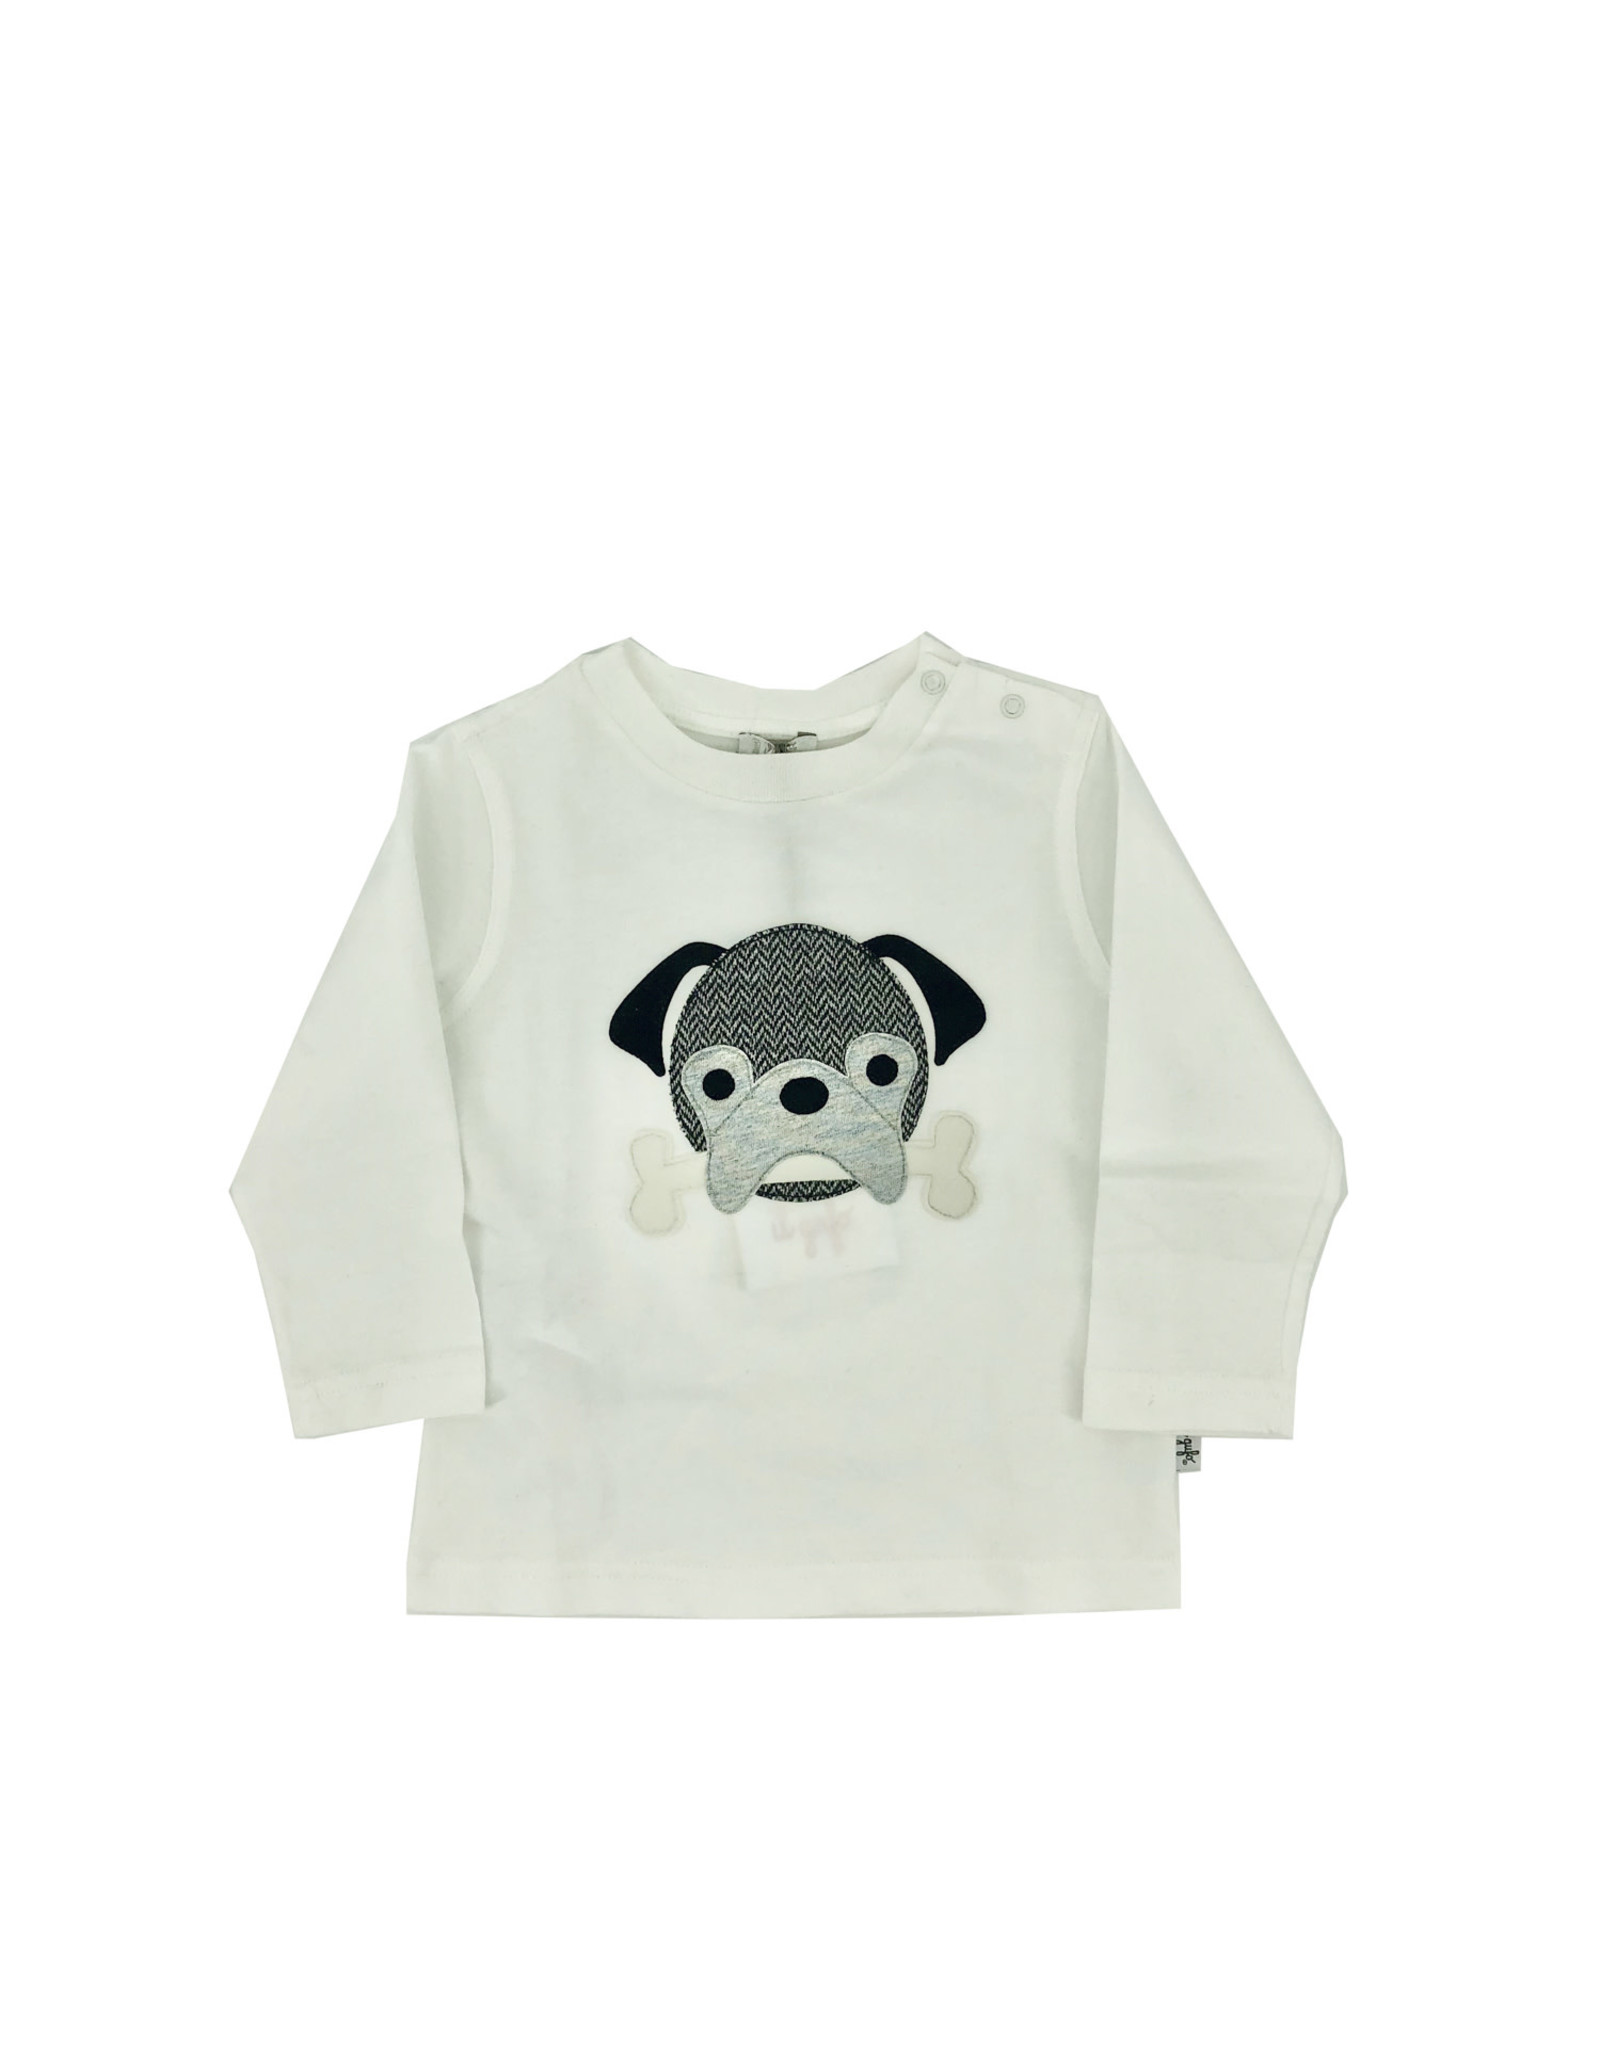 IL GUFO T-Shirt L/S Milk/Asphalt Grey